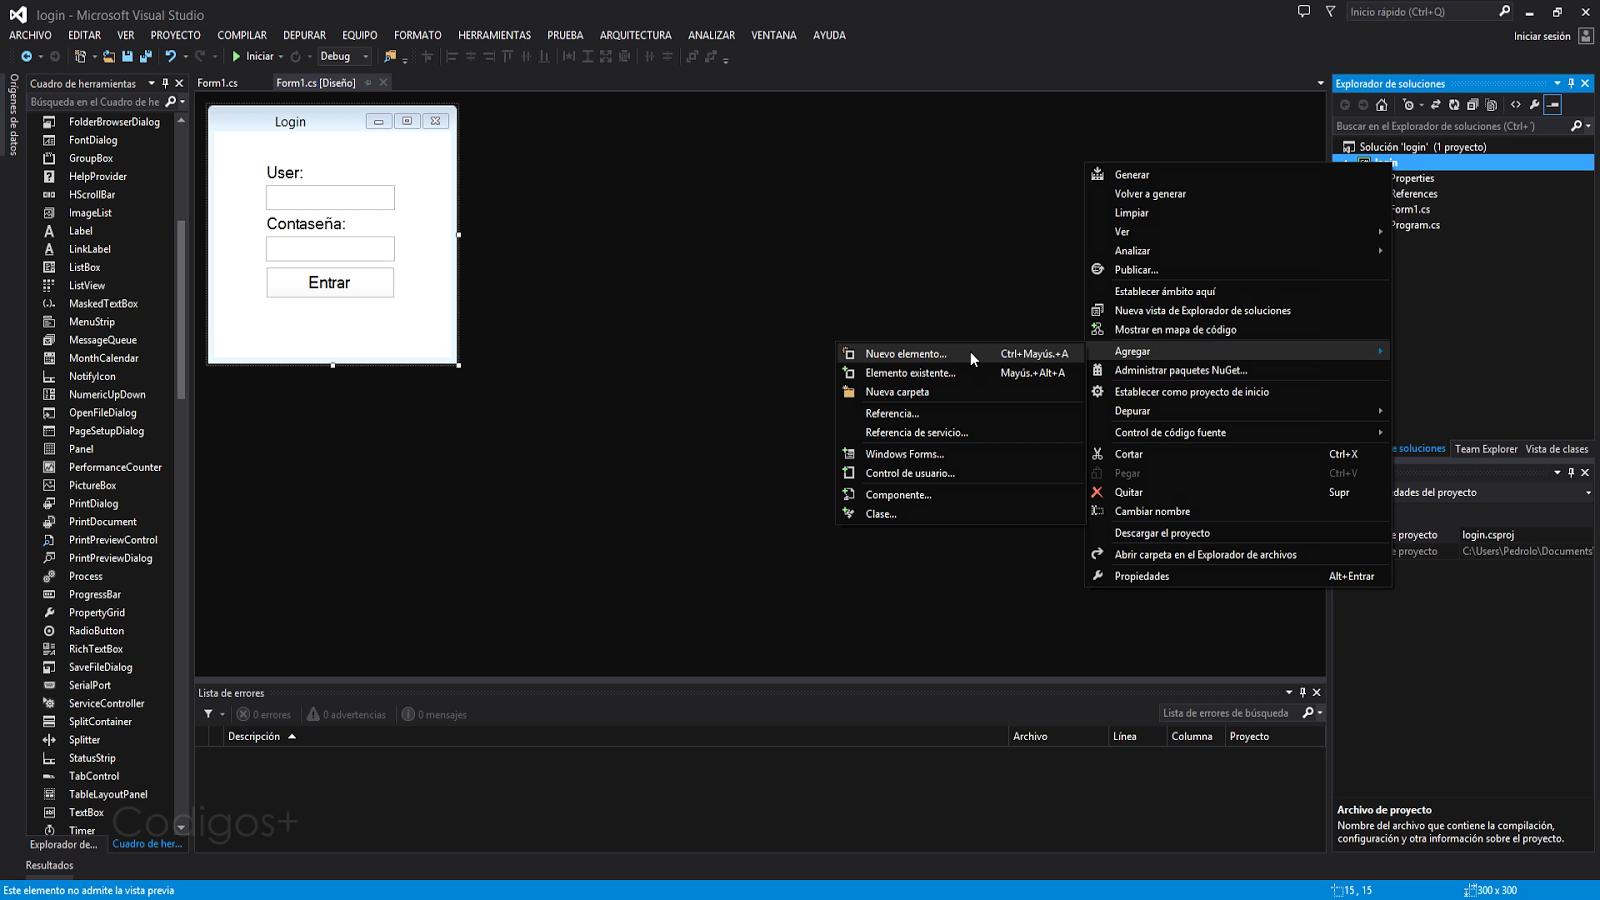 visual studio agregar nuevo elemento